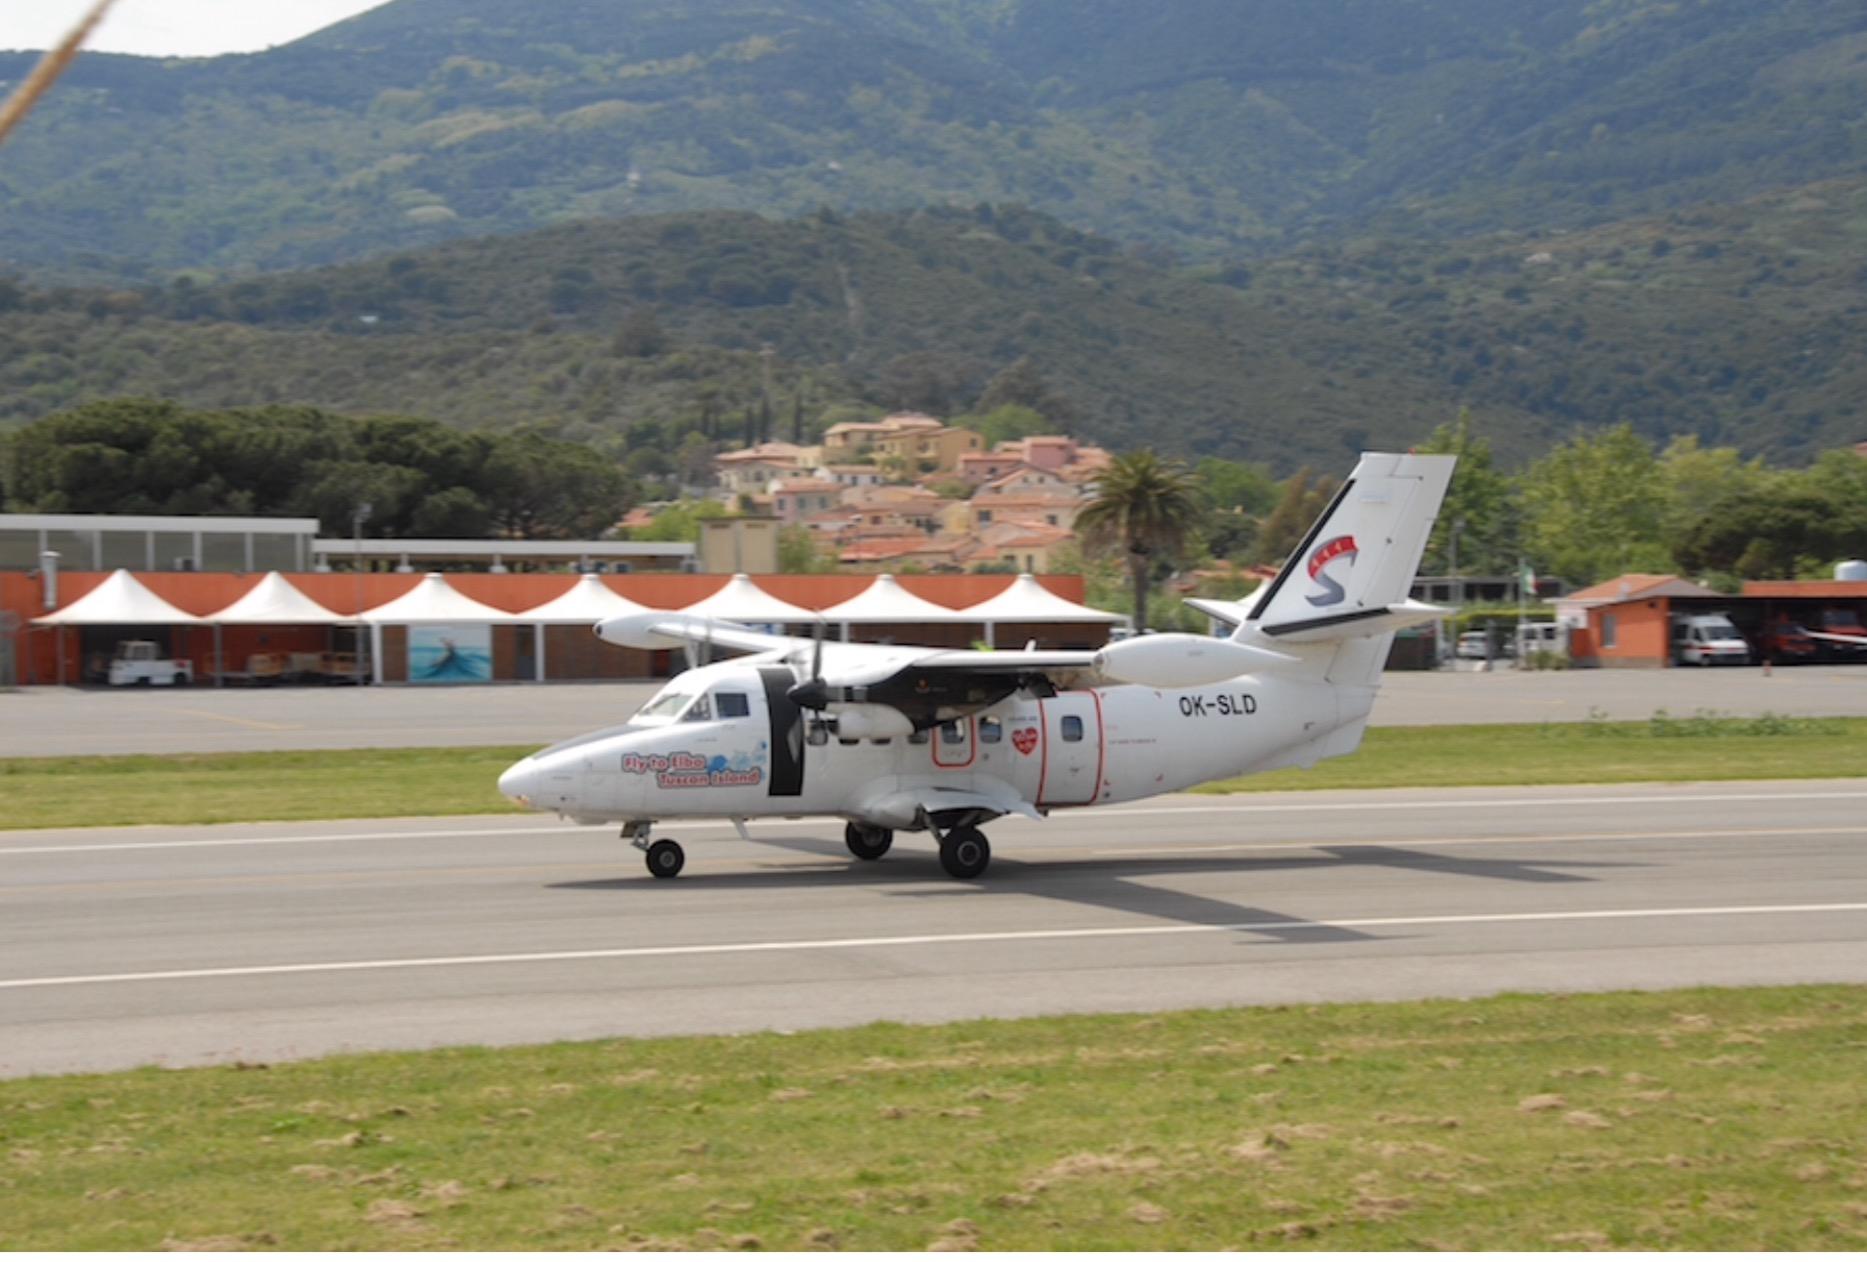 Aeroporto Elba : Elba si allunga la pista in ottobre u italiavola